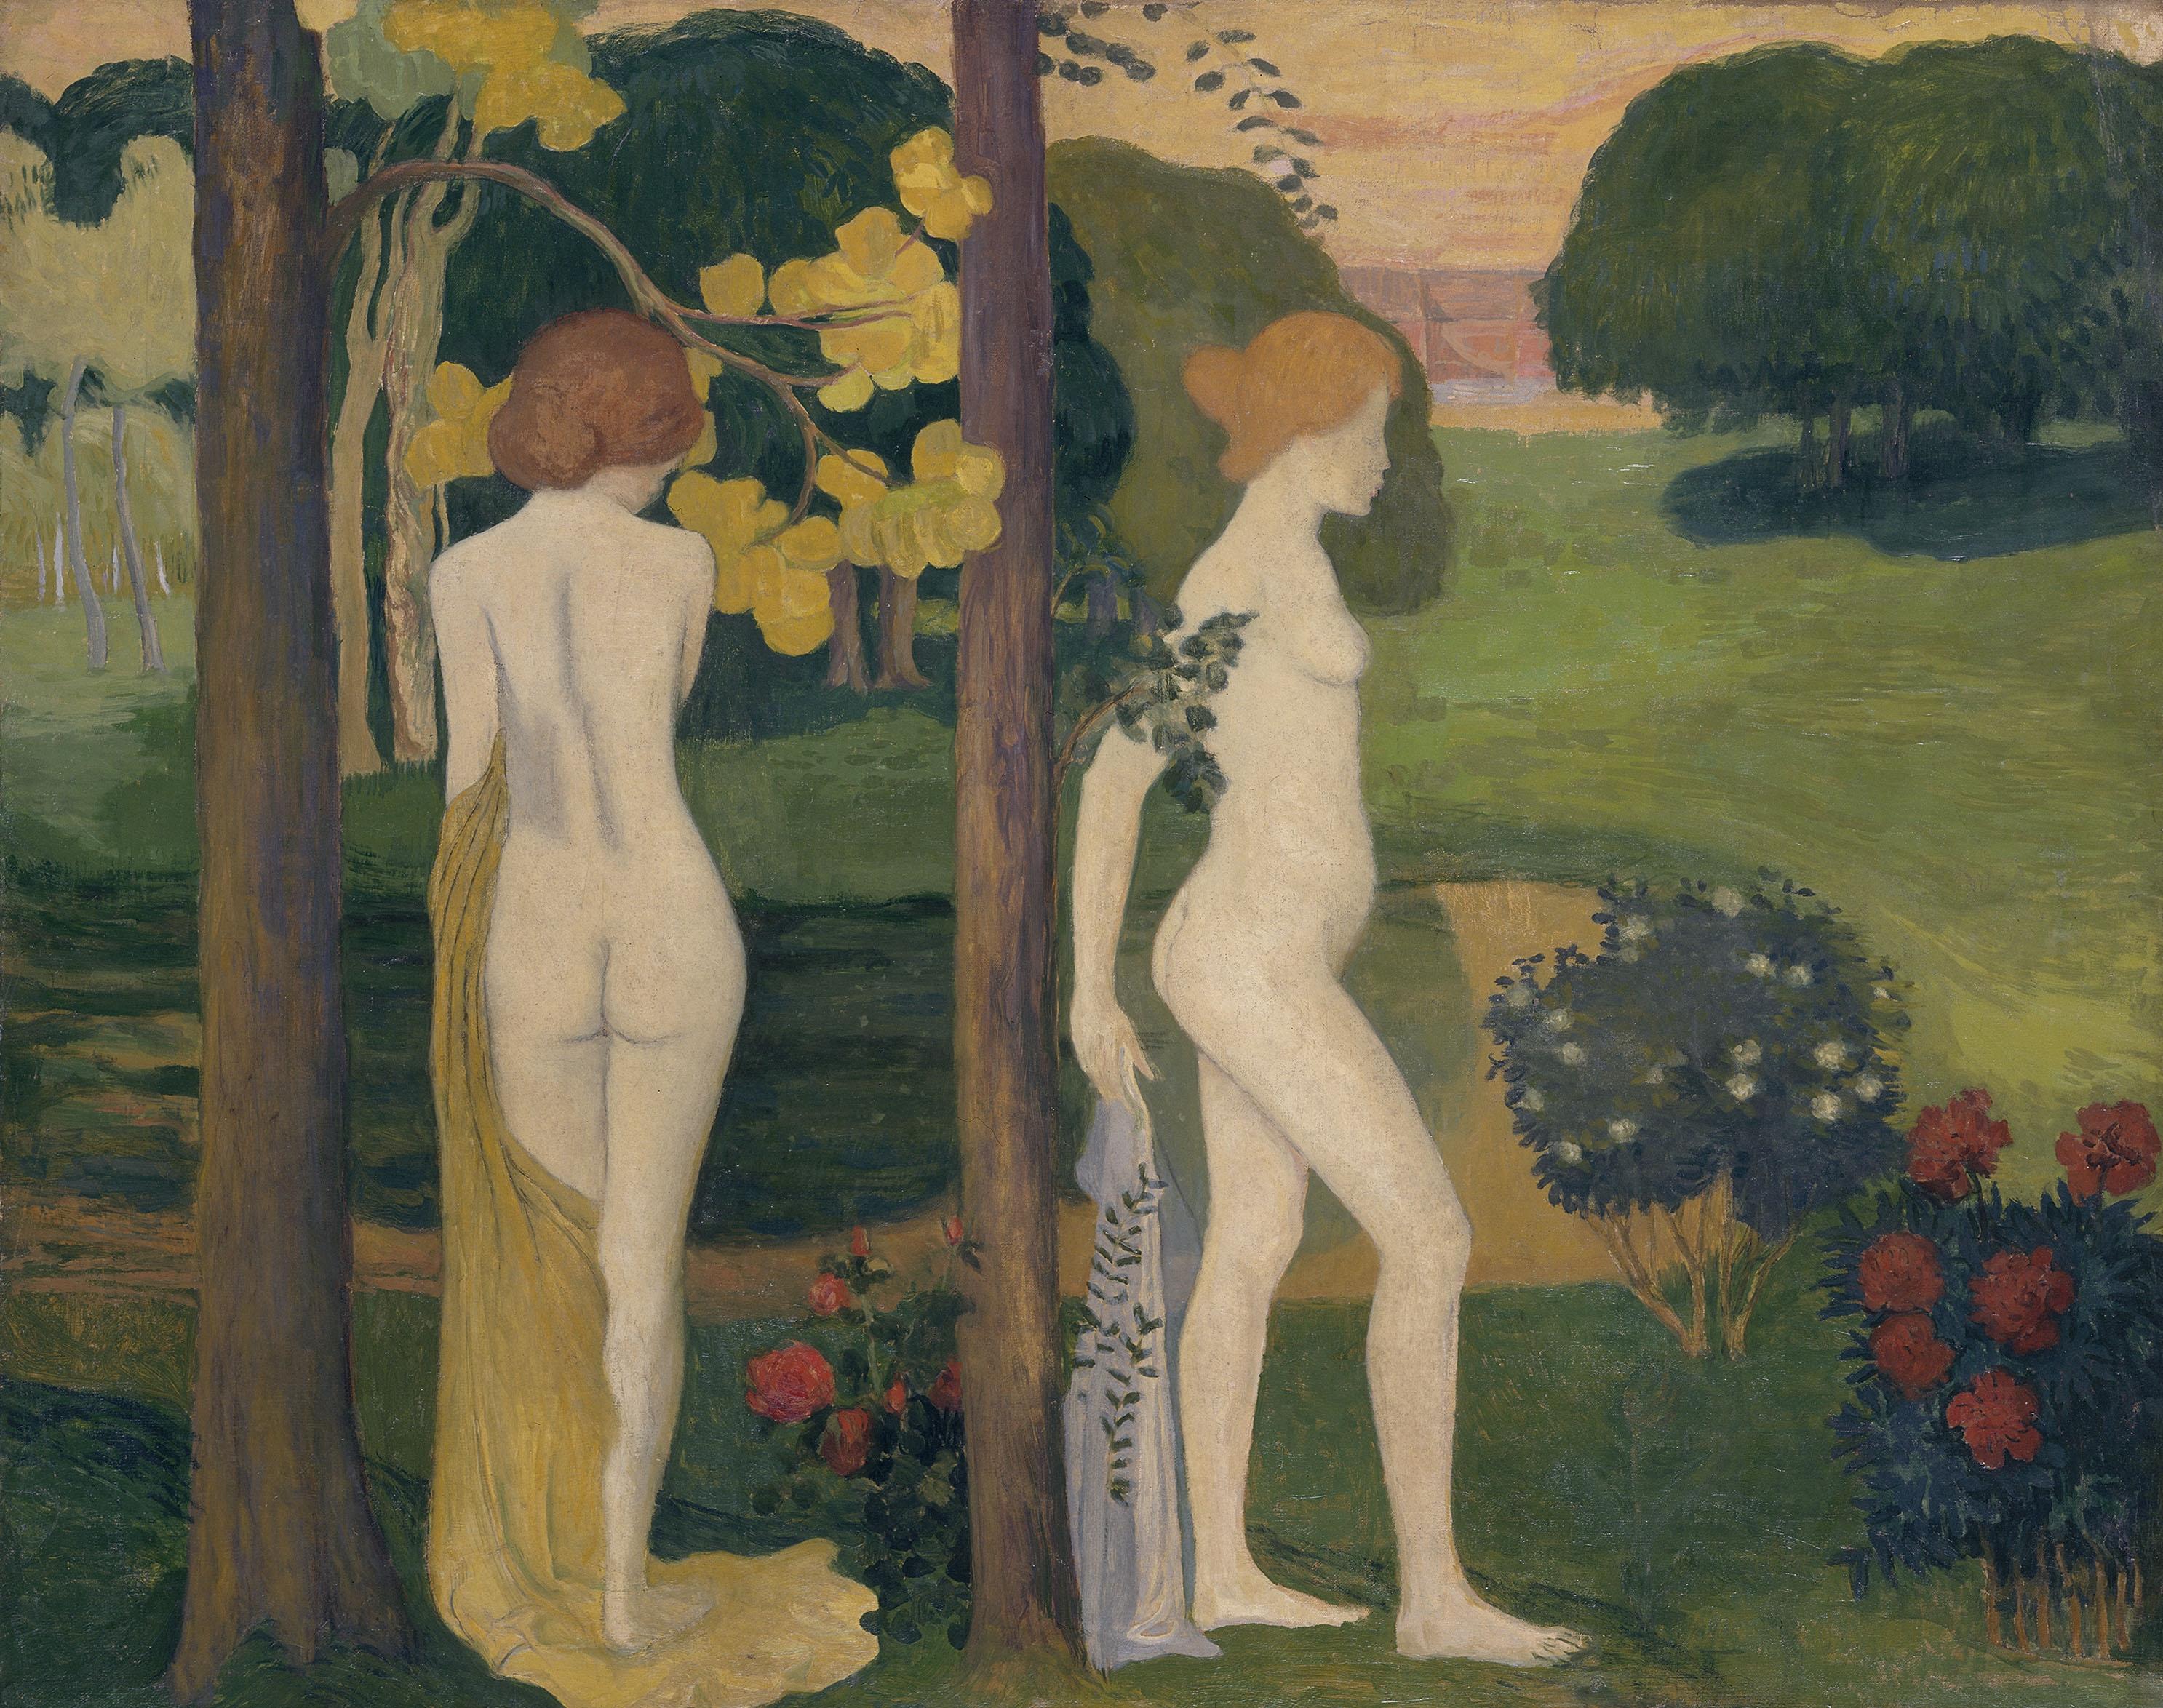 Maillol - Deux nus dans un paysage